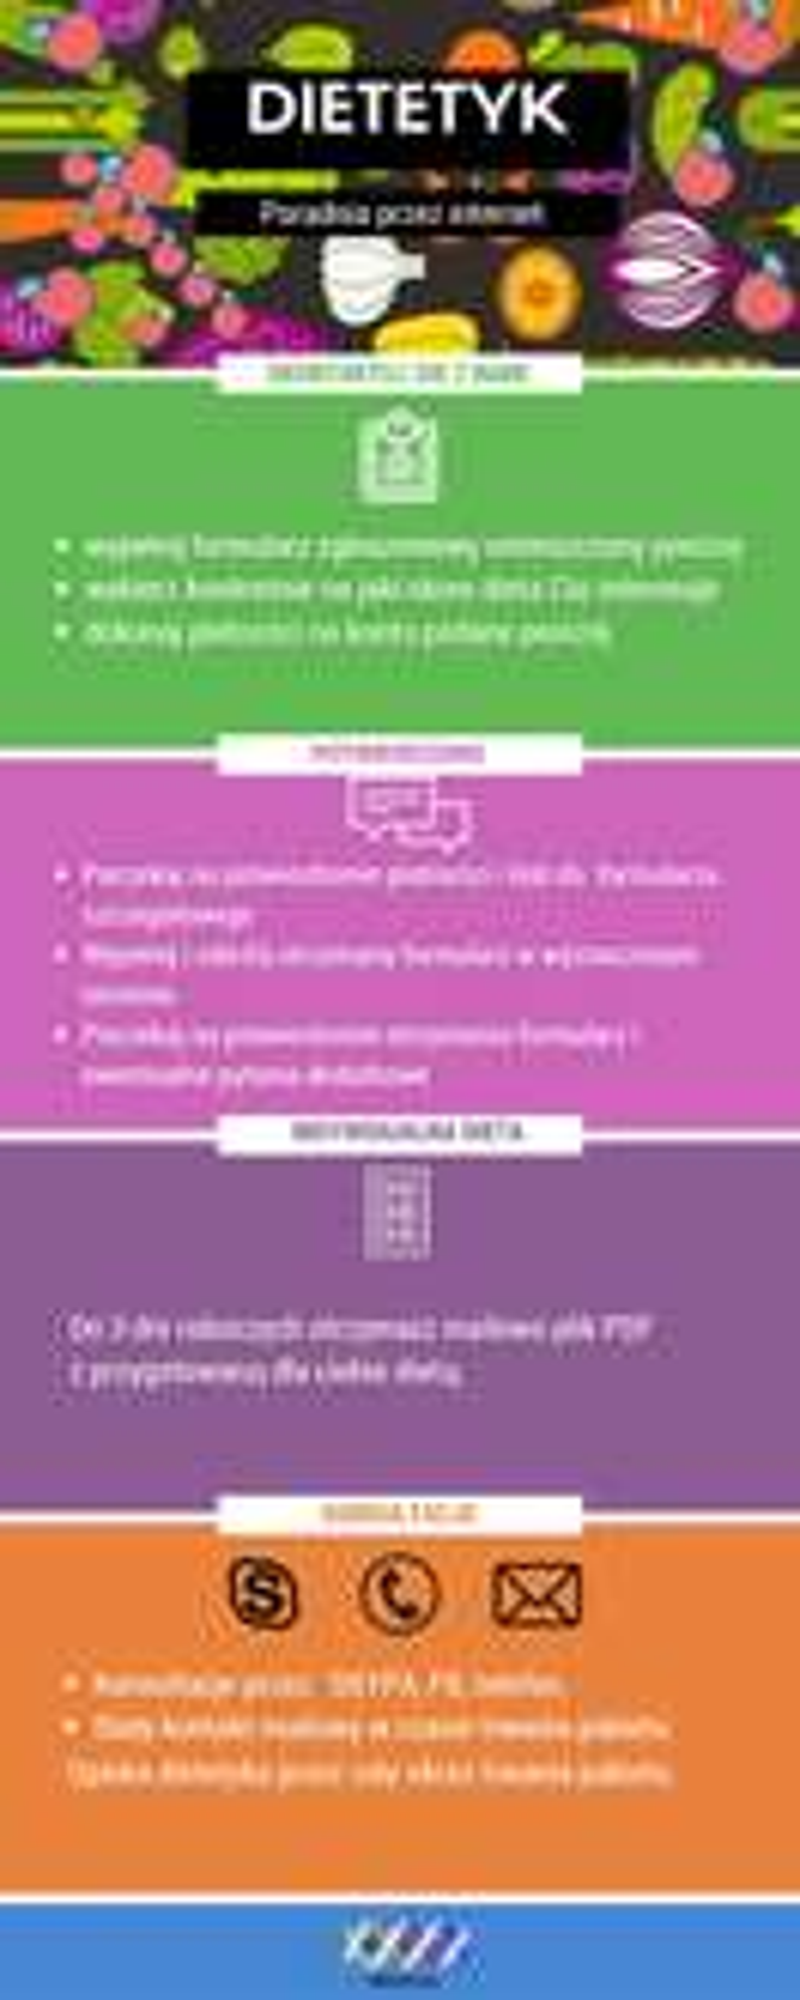 Dietetyk online (konsultacje+jadłospis) 129 zł taniej / NSL Medical